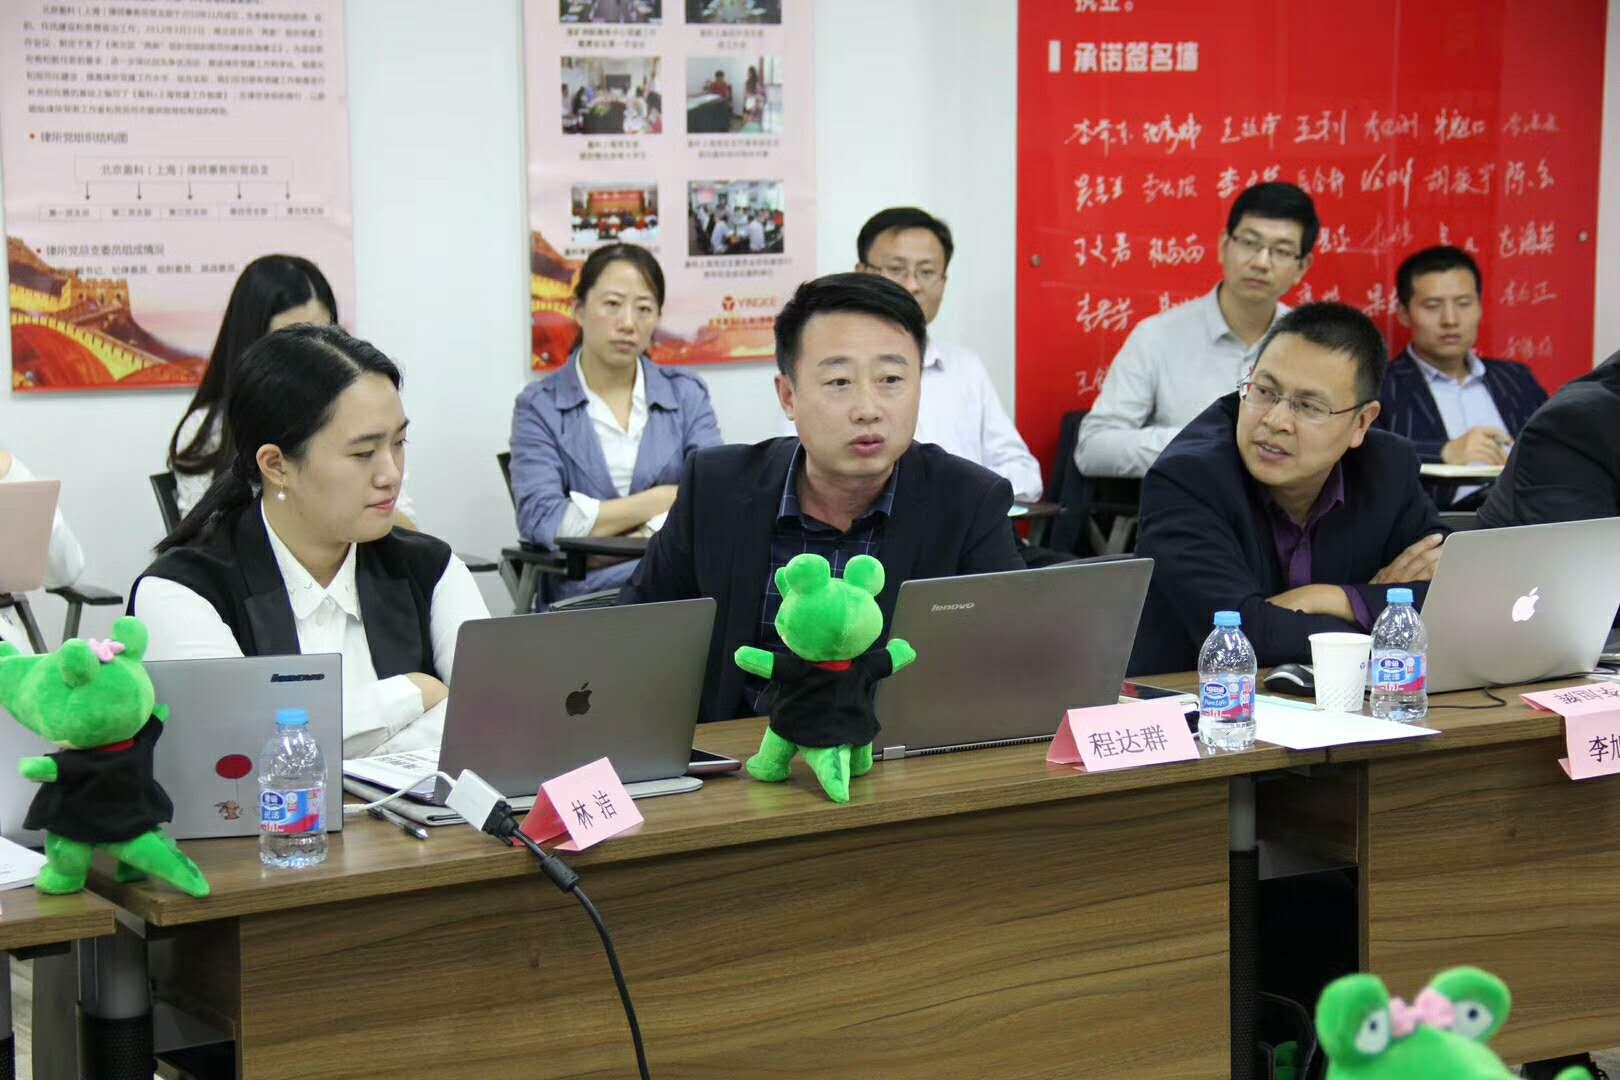 上海非法证据排除论坛发言